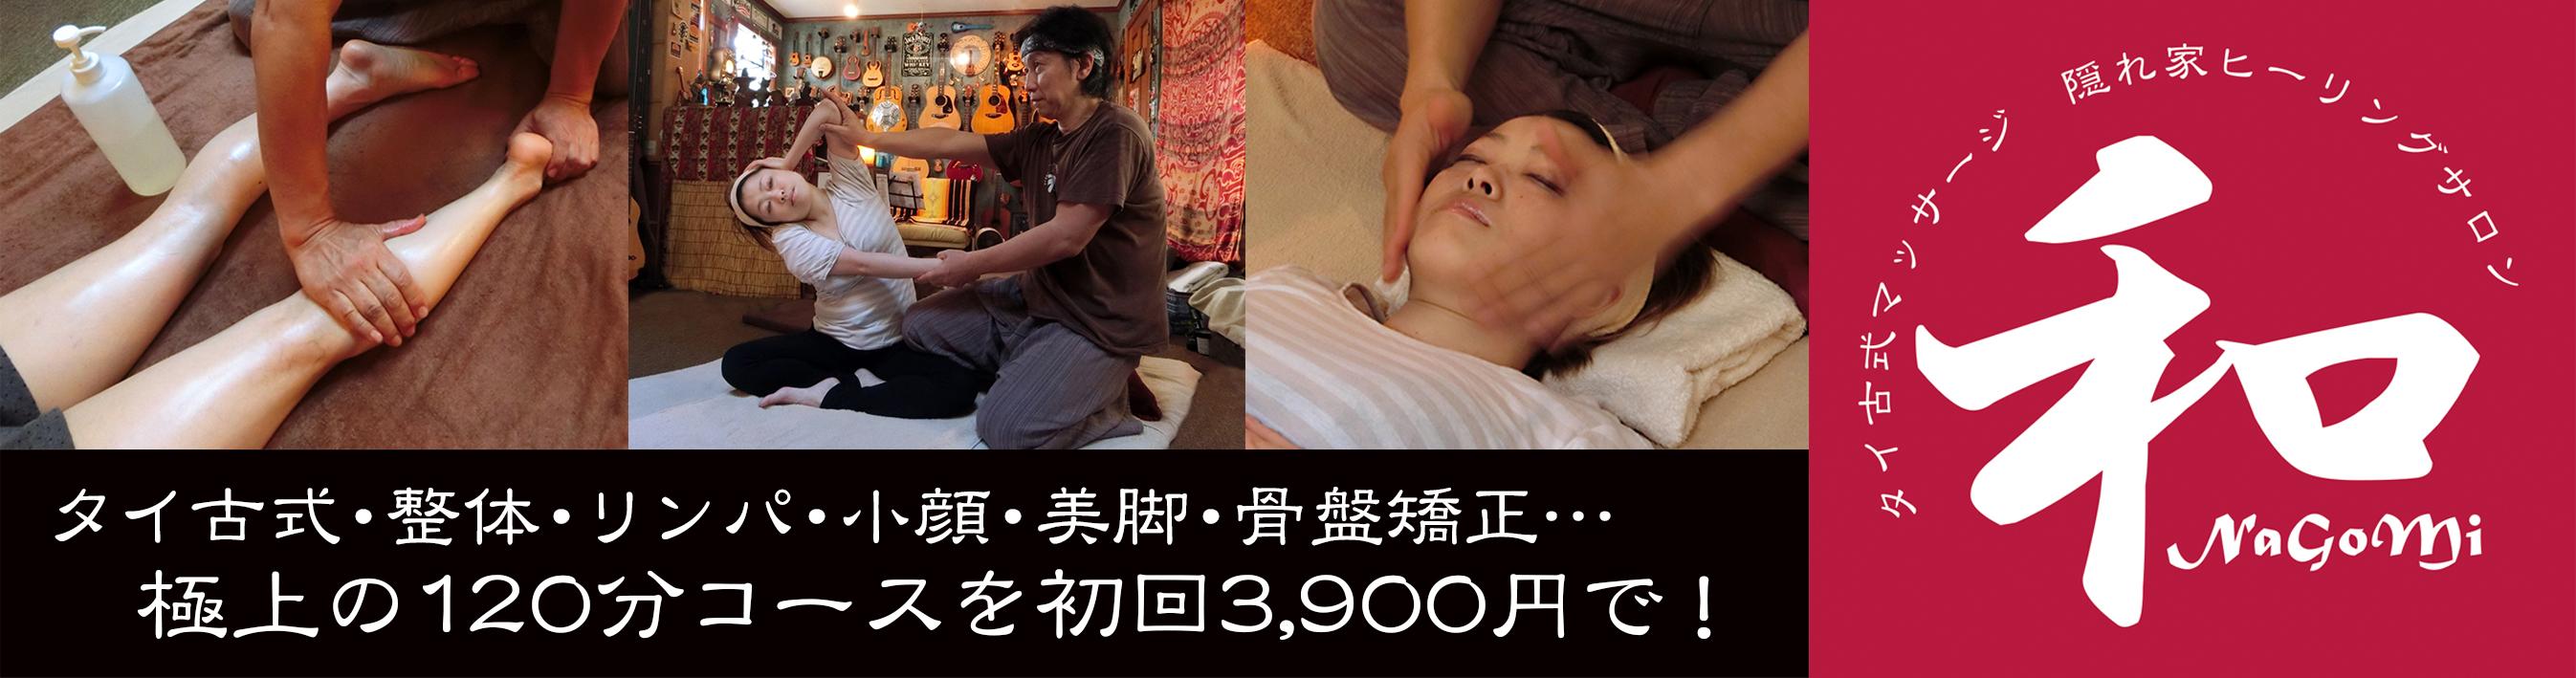 タイ古式・整体・リンパ・小顔・美脚・骨盤矯正…極上の120分コースを初回3,900円で!